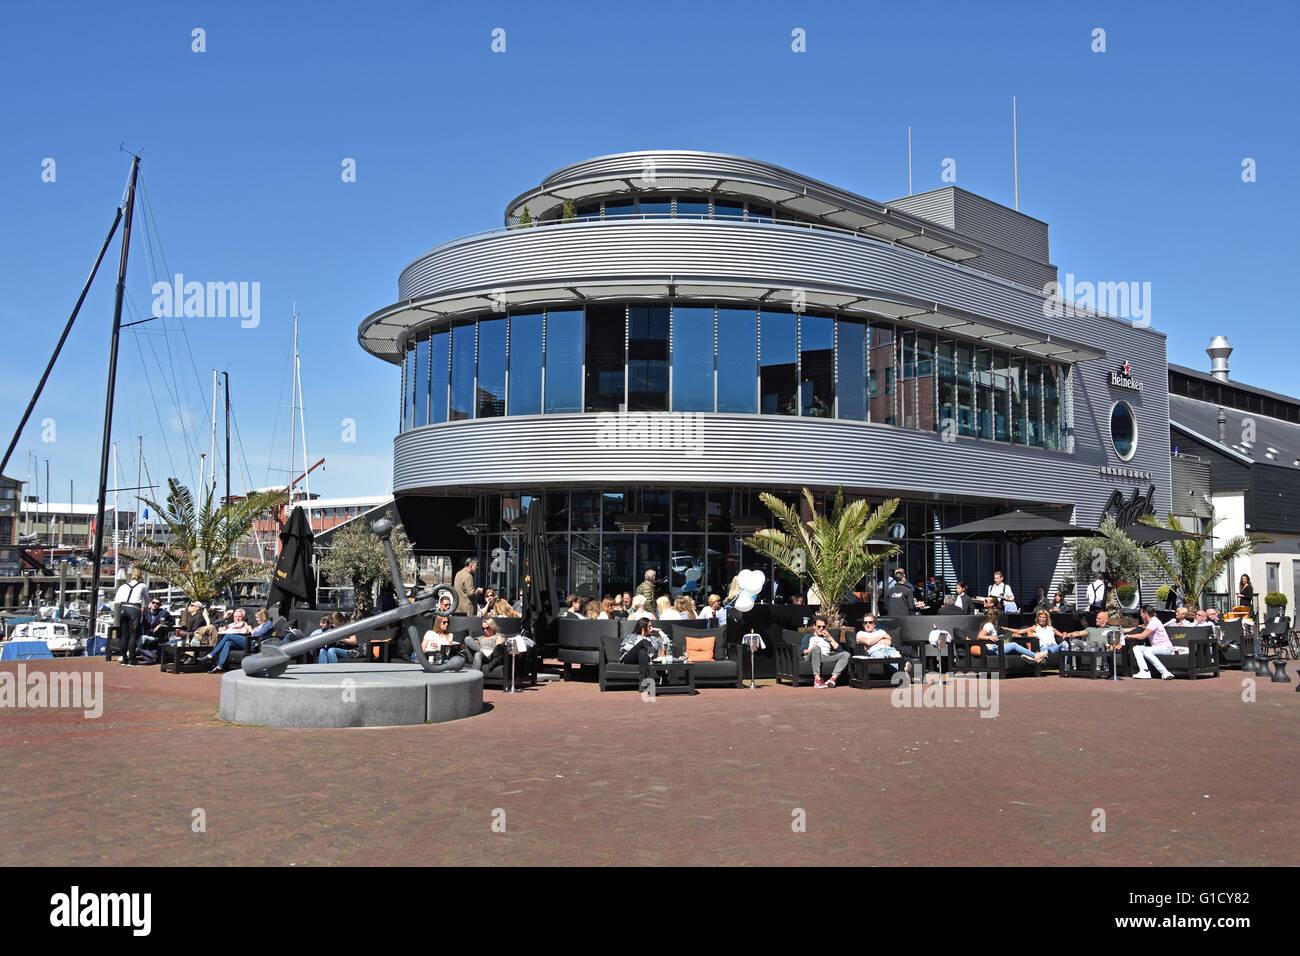 Bar Restaurant Catch Port Schevenigen ( Doctor Lelykade Vissershaven ) The Hague Netherlands Dutch - Stock Image